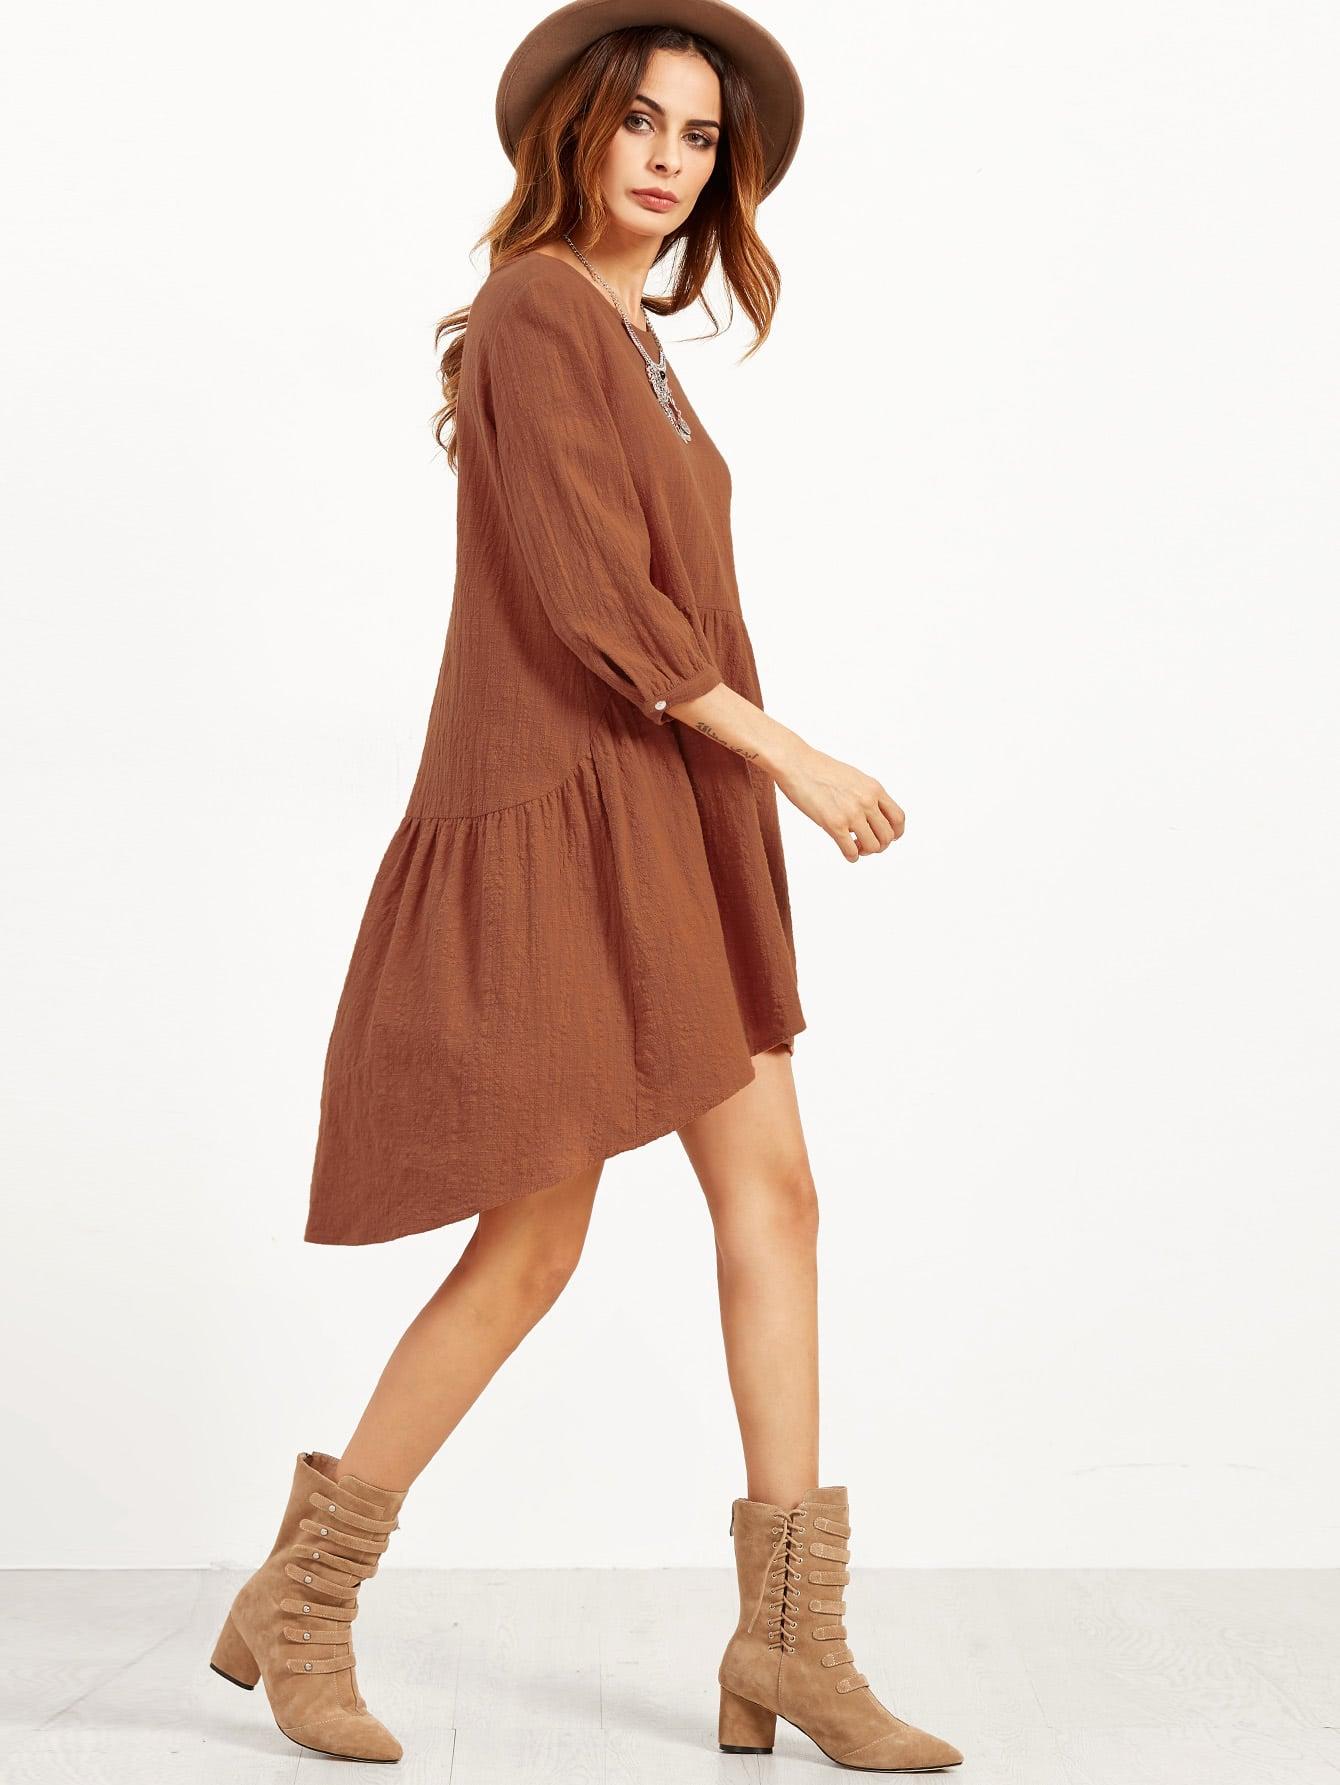 dress160914504_2